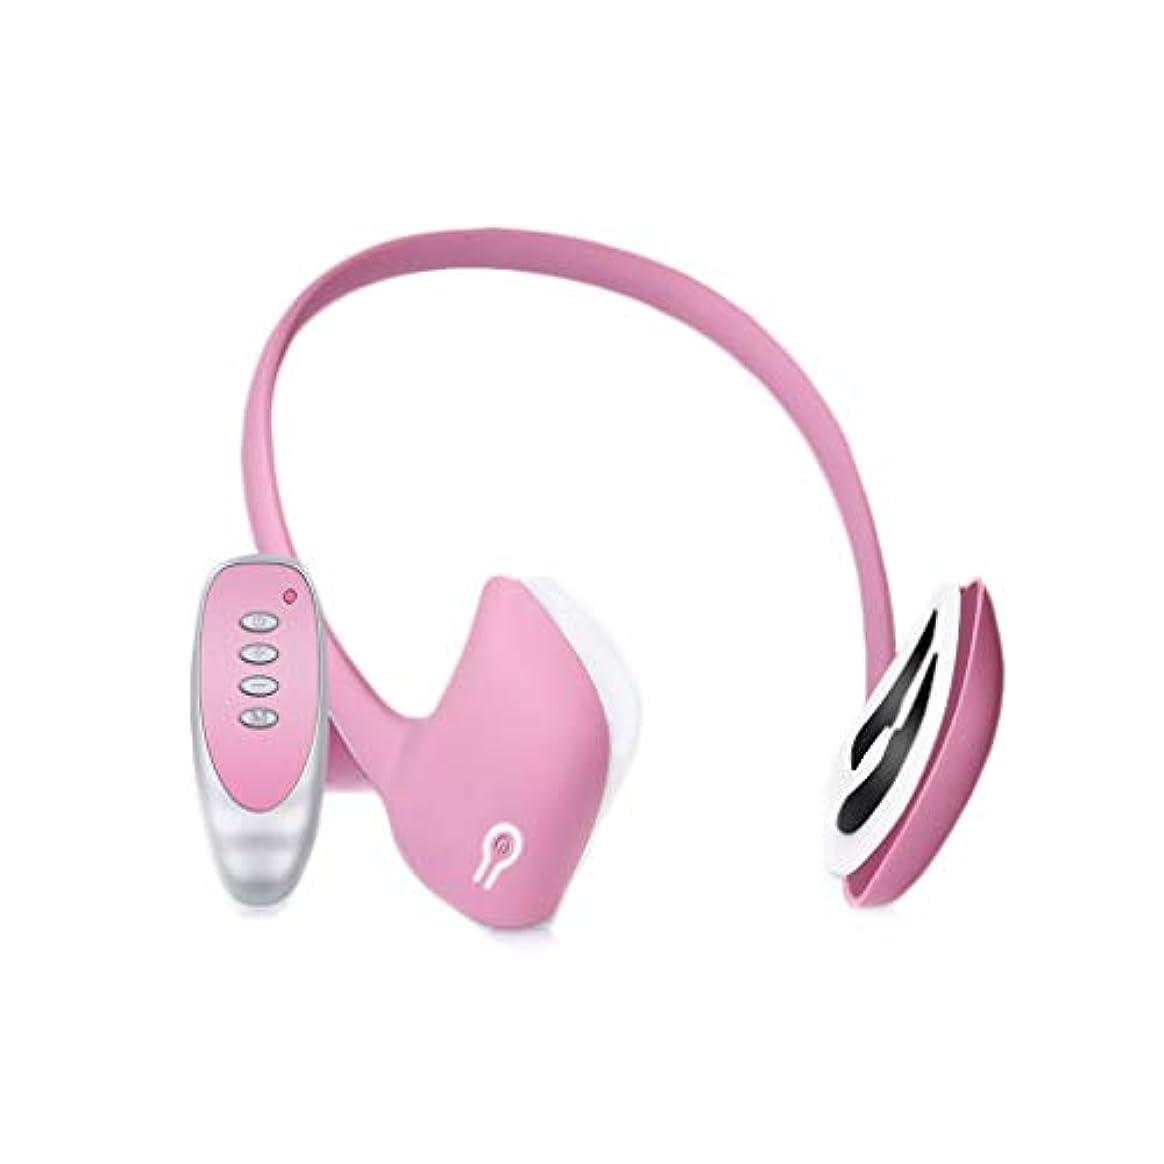 荒らすアーティファクト共同選択XHLMRMJ フェイスリフティング器具、電動ツールマッサージャー、頬骨の薄い顔の引き締めの改善、フェイスブレース、多機能リフティング、男性と女性の両方に適しています (Color : Pink)